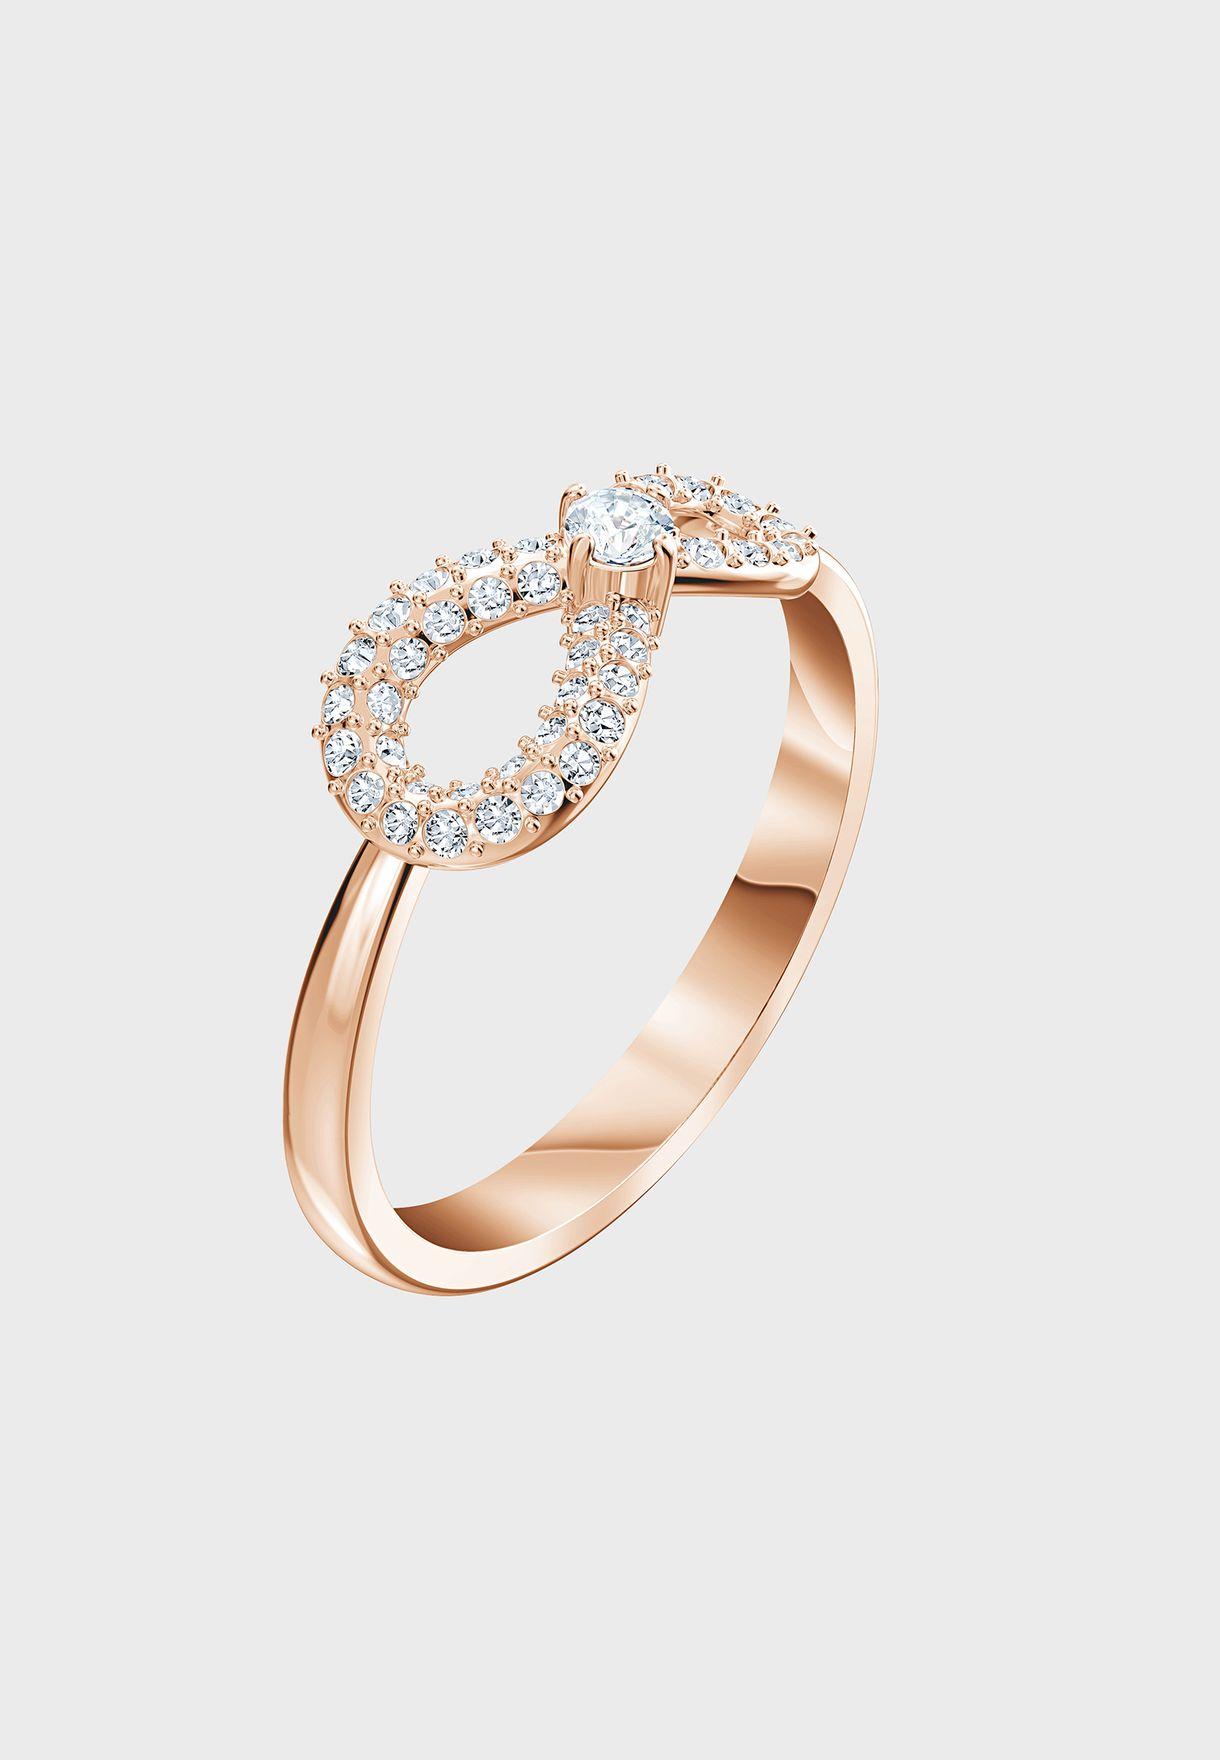 Rhinestone Infinity Ring